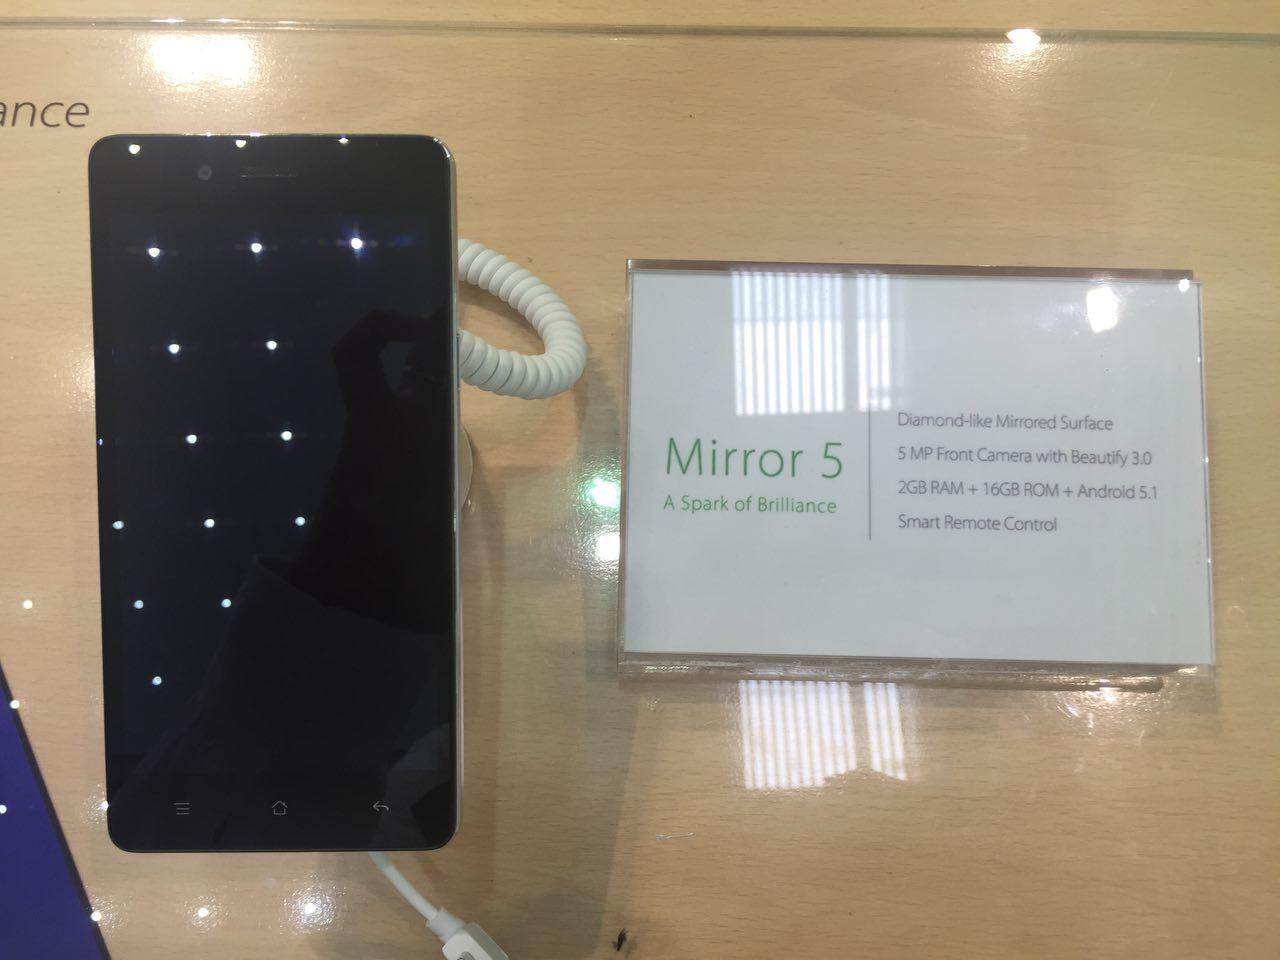 Mwc16 Oppo F1 Y Mirror 5 Smartphones Para Todos 16gb Espejito